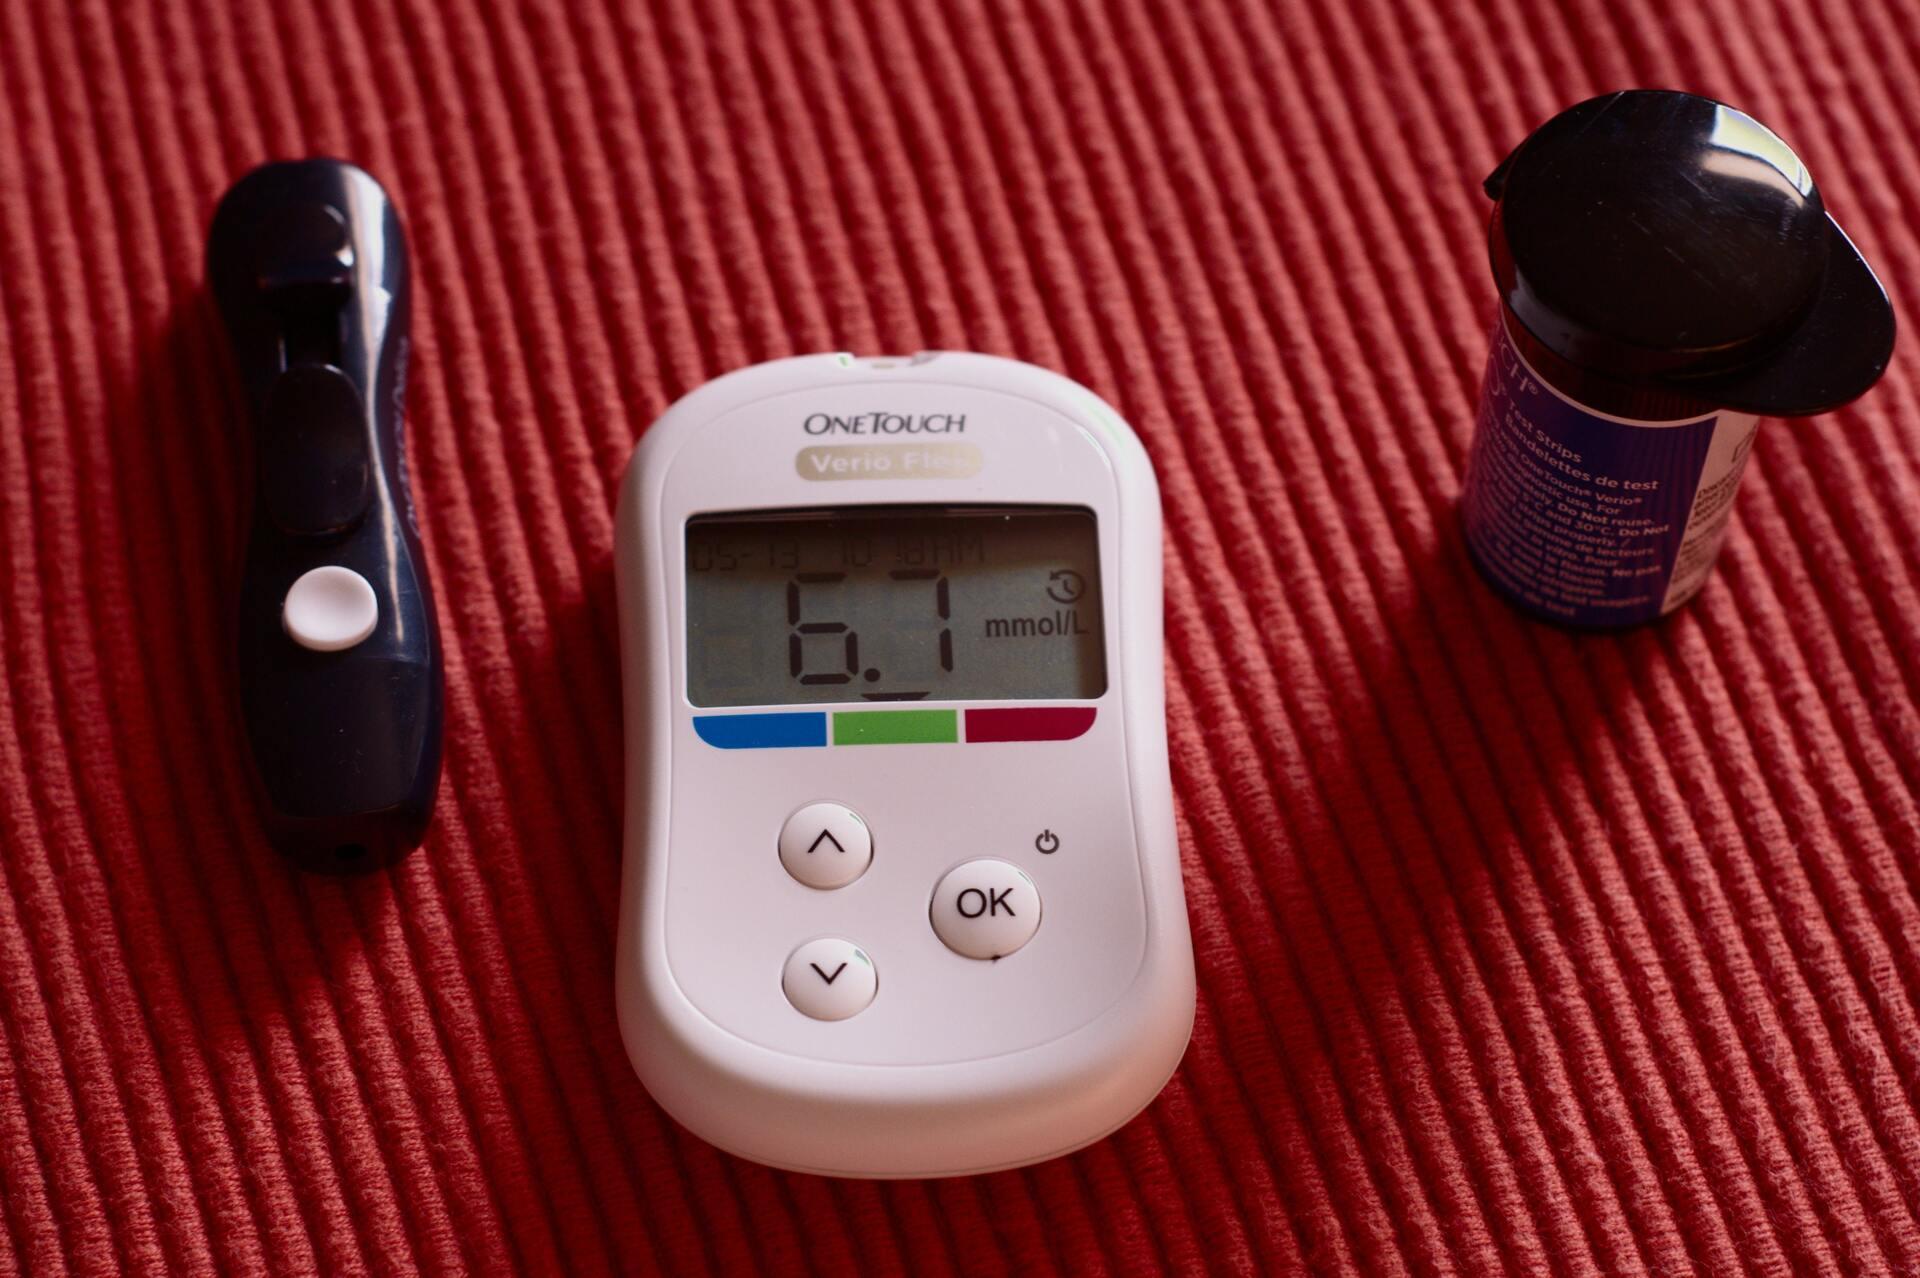 Неразвитые мышцы могут потреблять весь инсулин - его недостаток может вызвать сахарный диабет